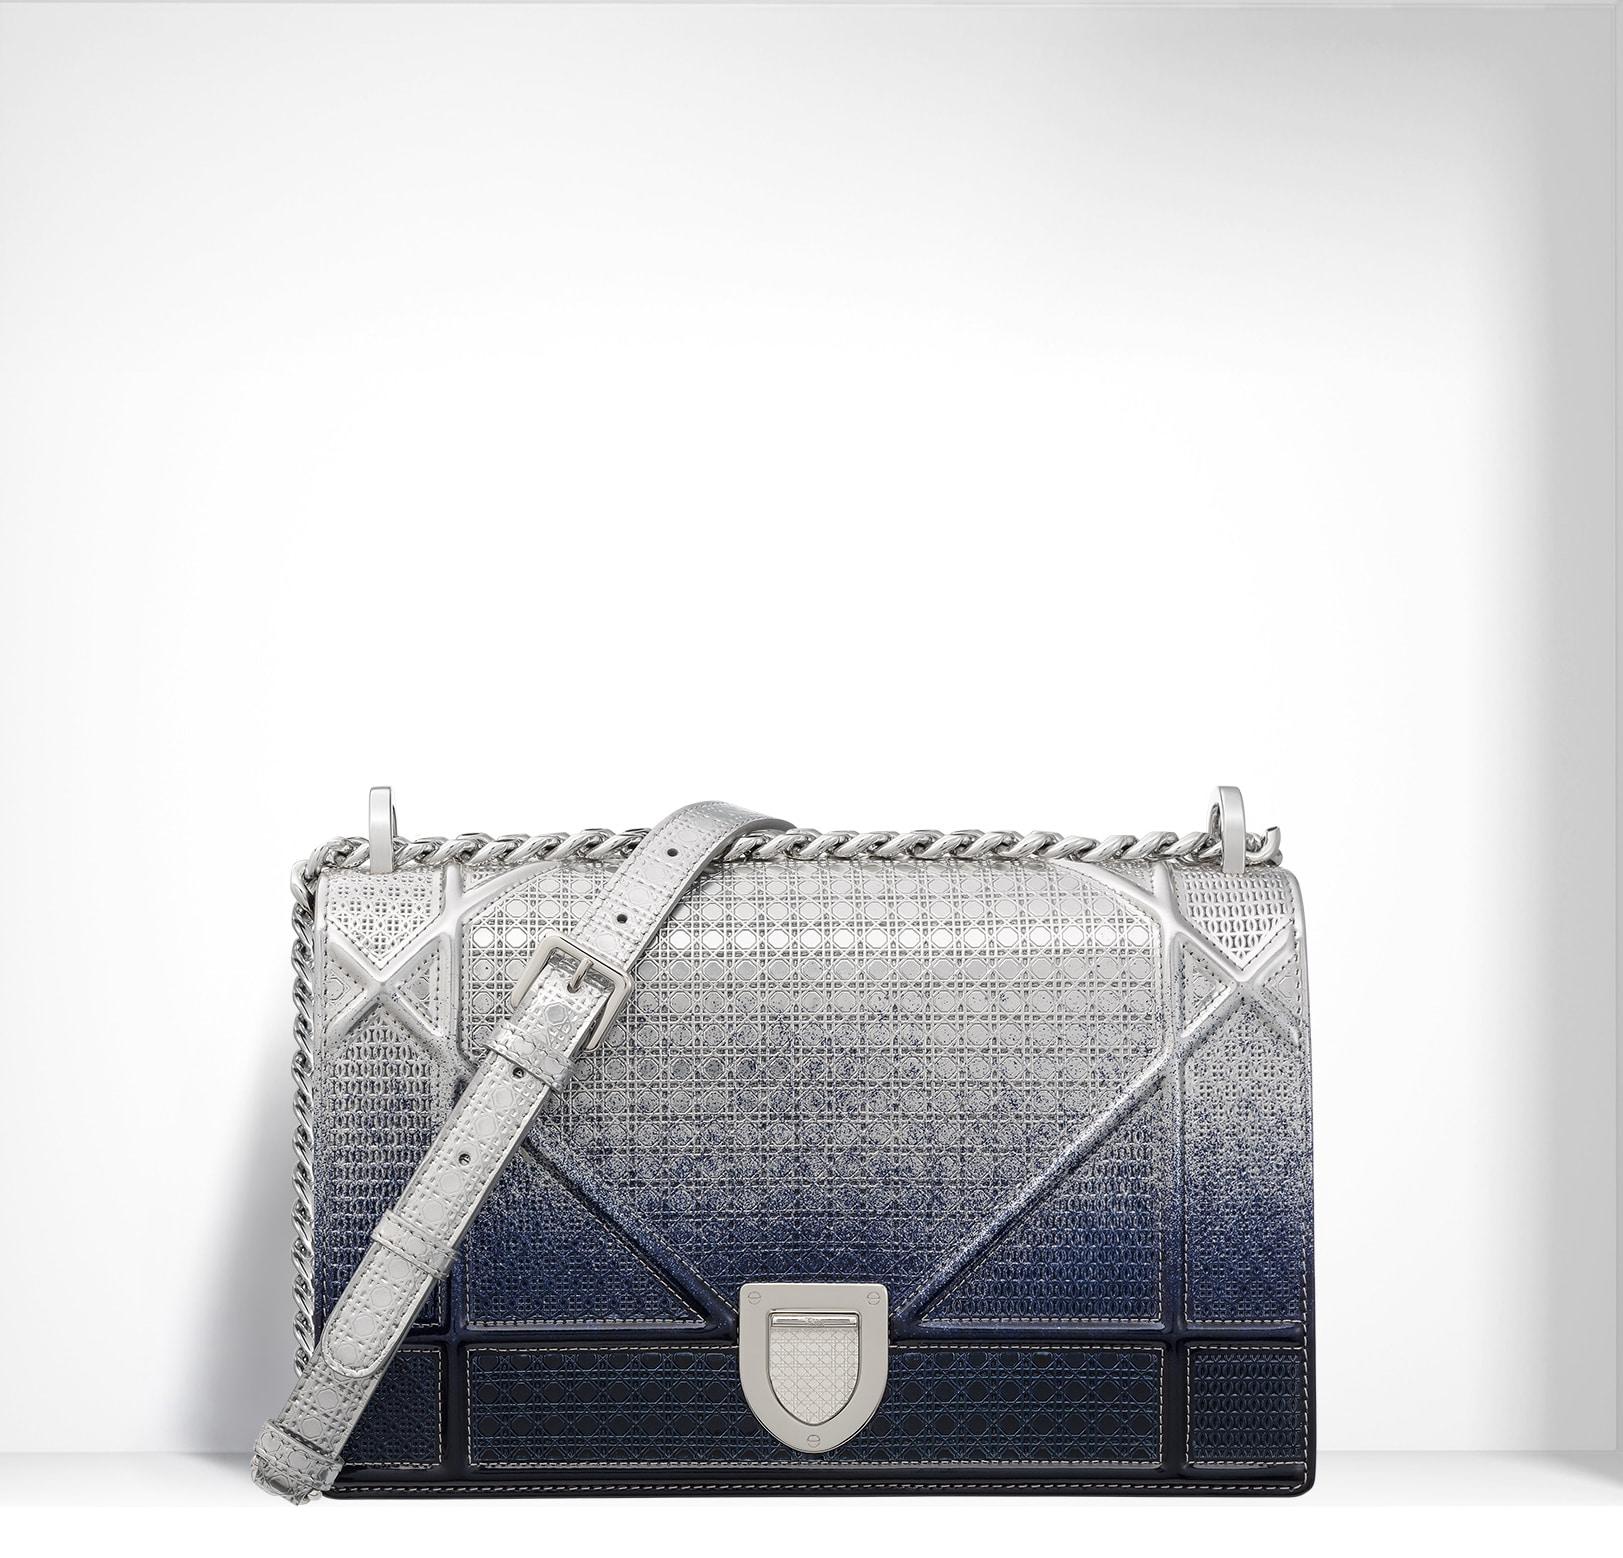 Dior Silver-Tone Graded Metallic Diorama Bag f4bf734914e79